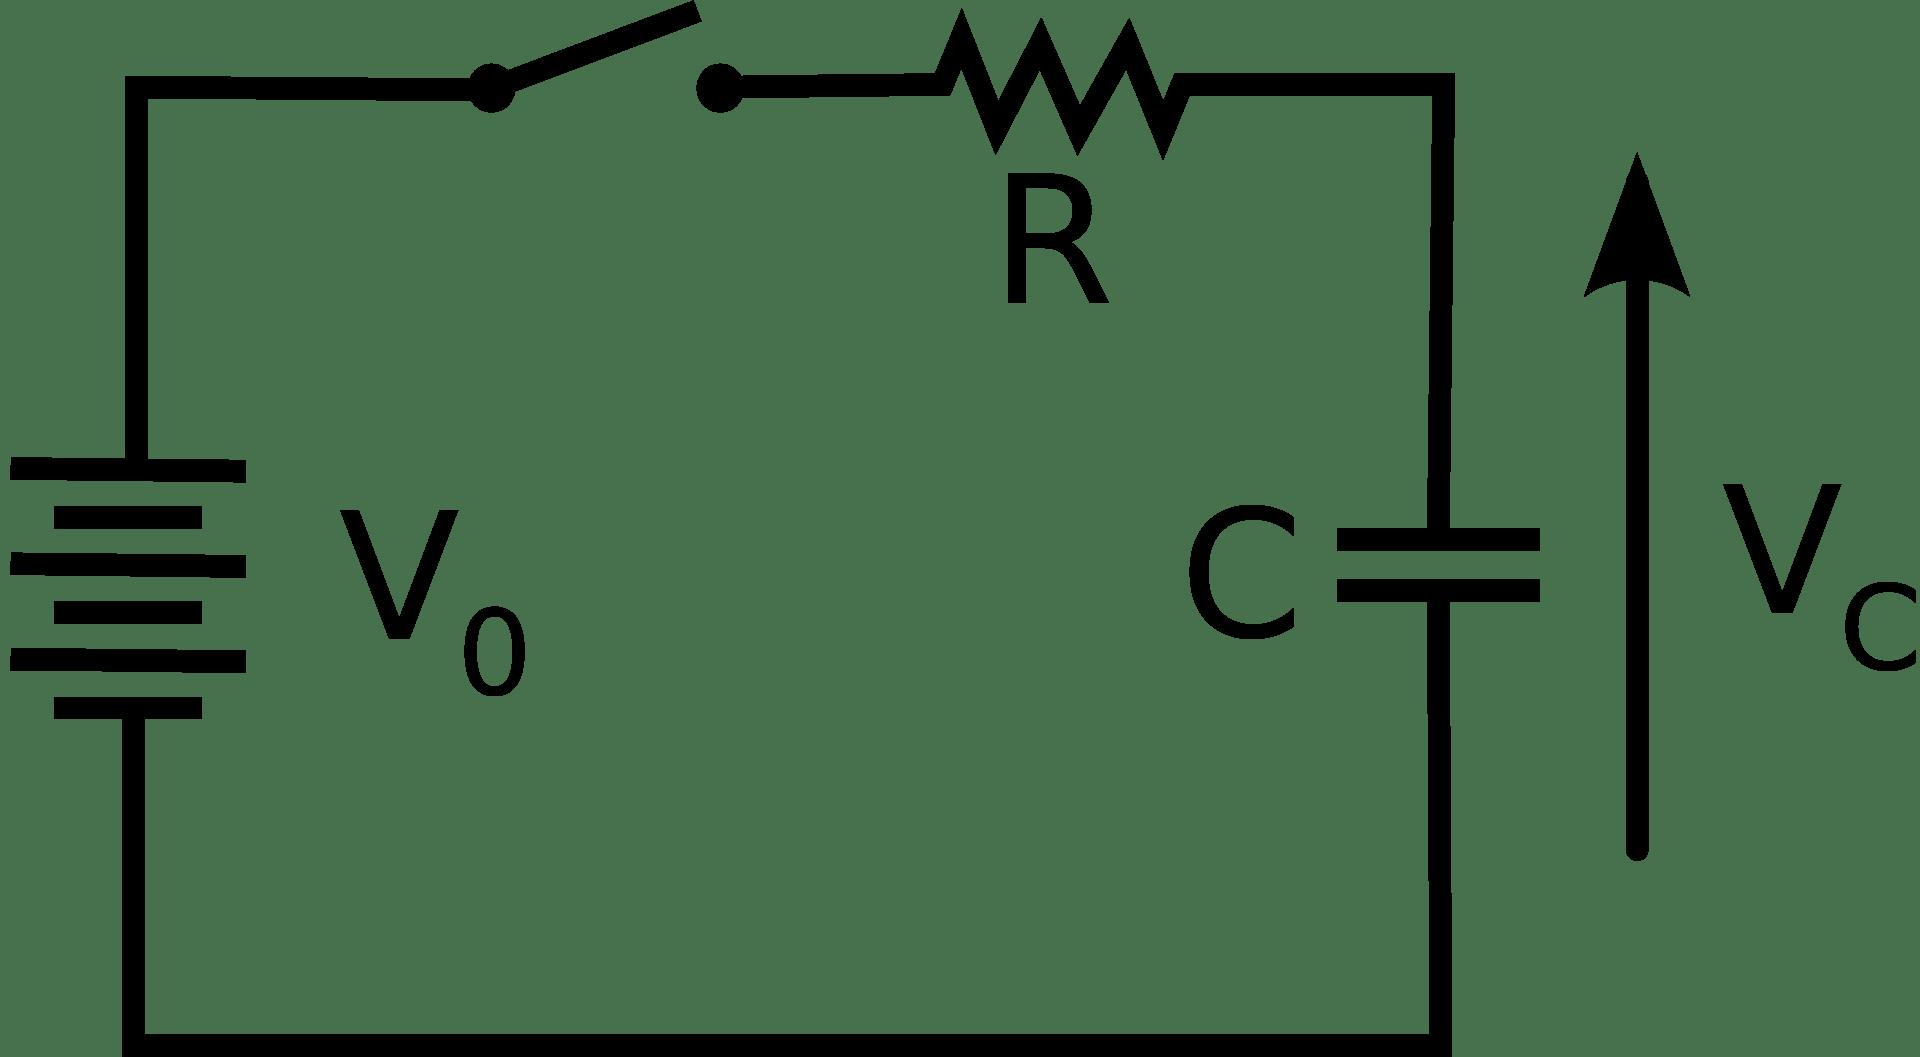 capacitor circuit symbol